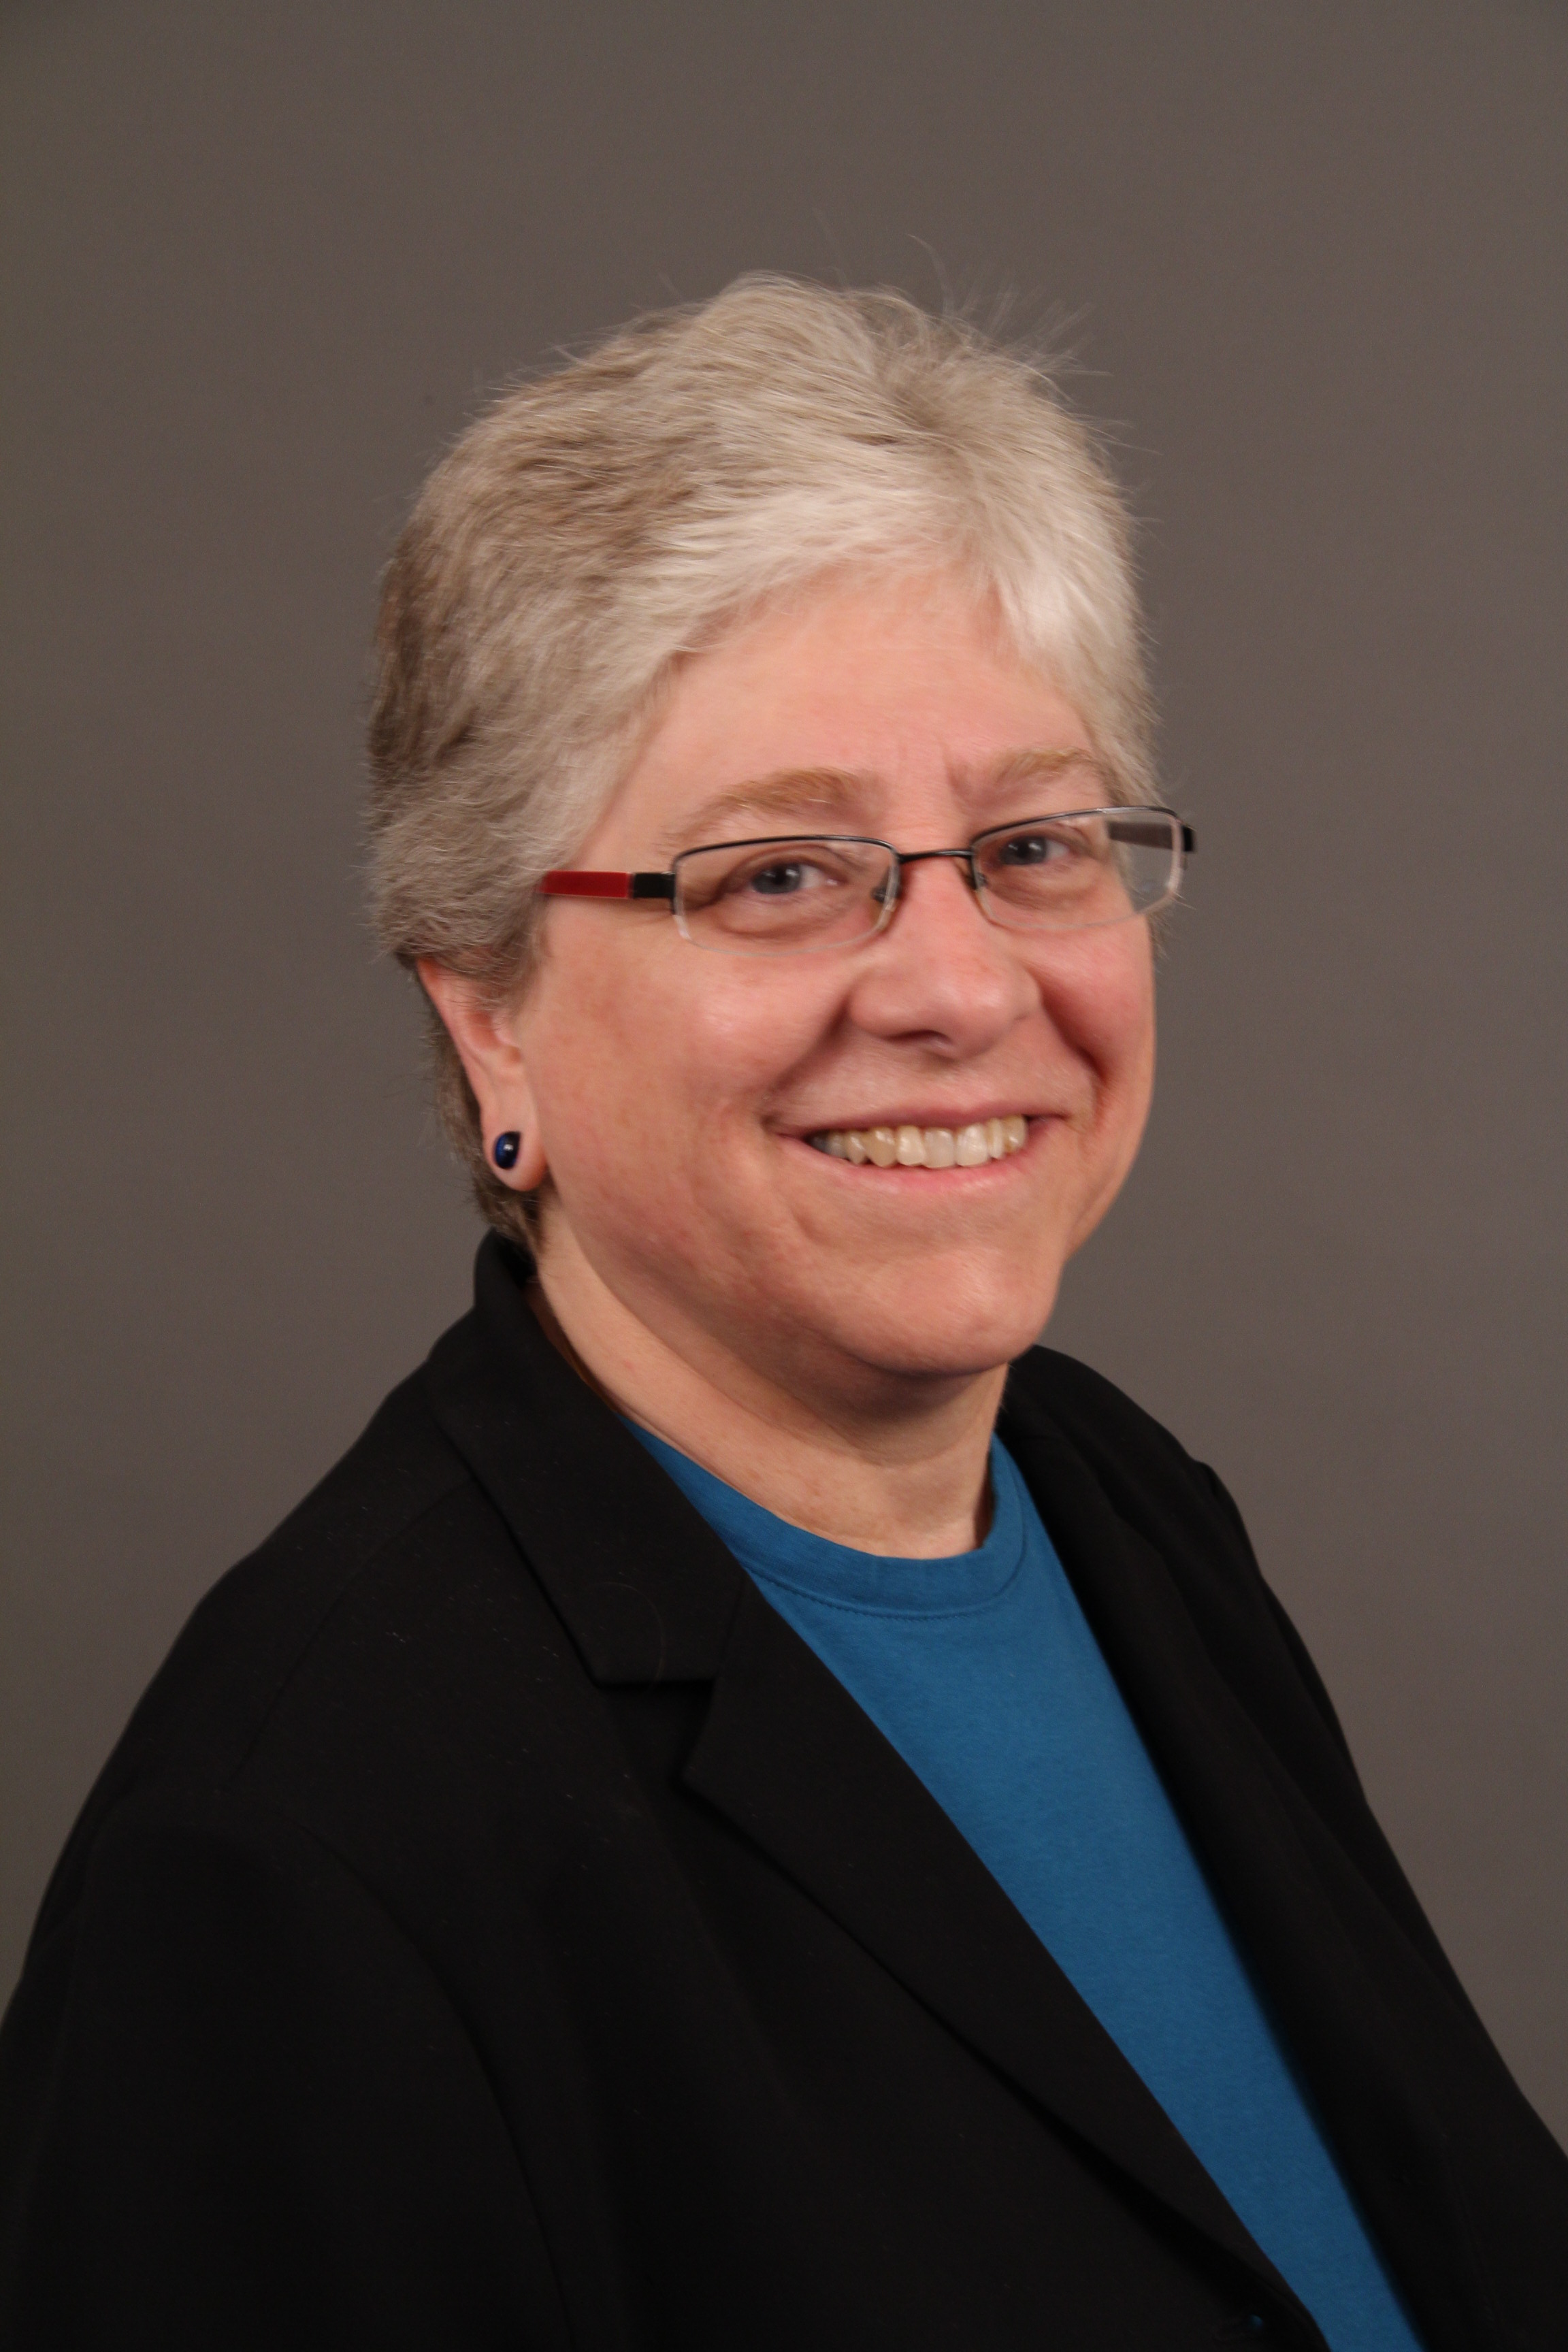 Photo of                                                                                                                                                                                                                                                                                                                                                                                                                                                                                                                                                                                                                                                                                                                                                                                                                                                                                                                                                                                                                                                                                                                 Leslie                                                                                                                                                                                                                                                                                                                                                                                                                                                                                                                                                                                                                                                                                                                                                                                                                                                                                                                                                 